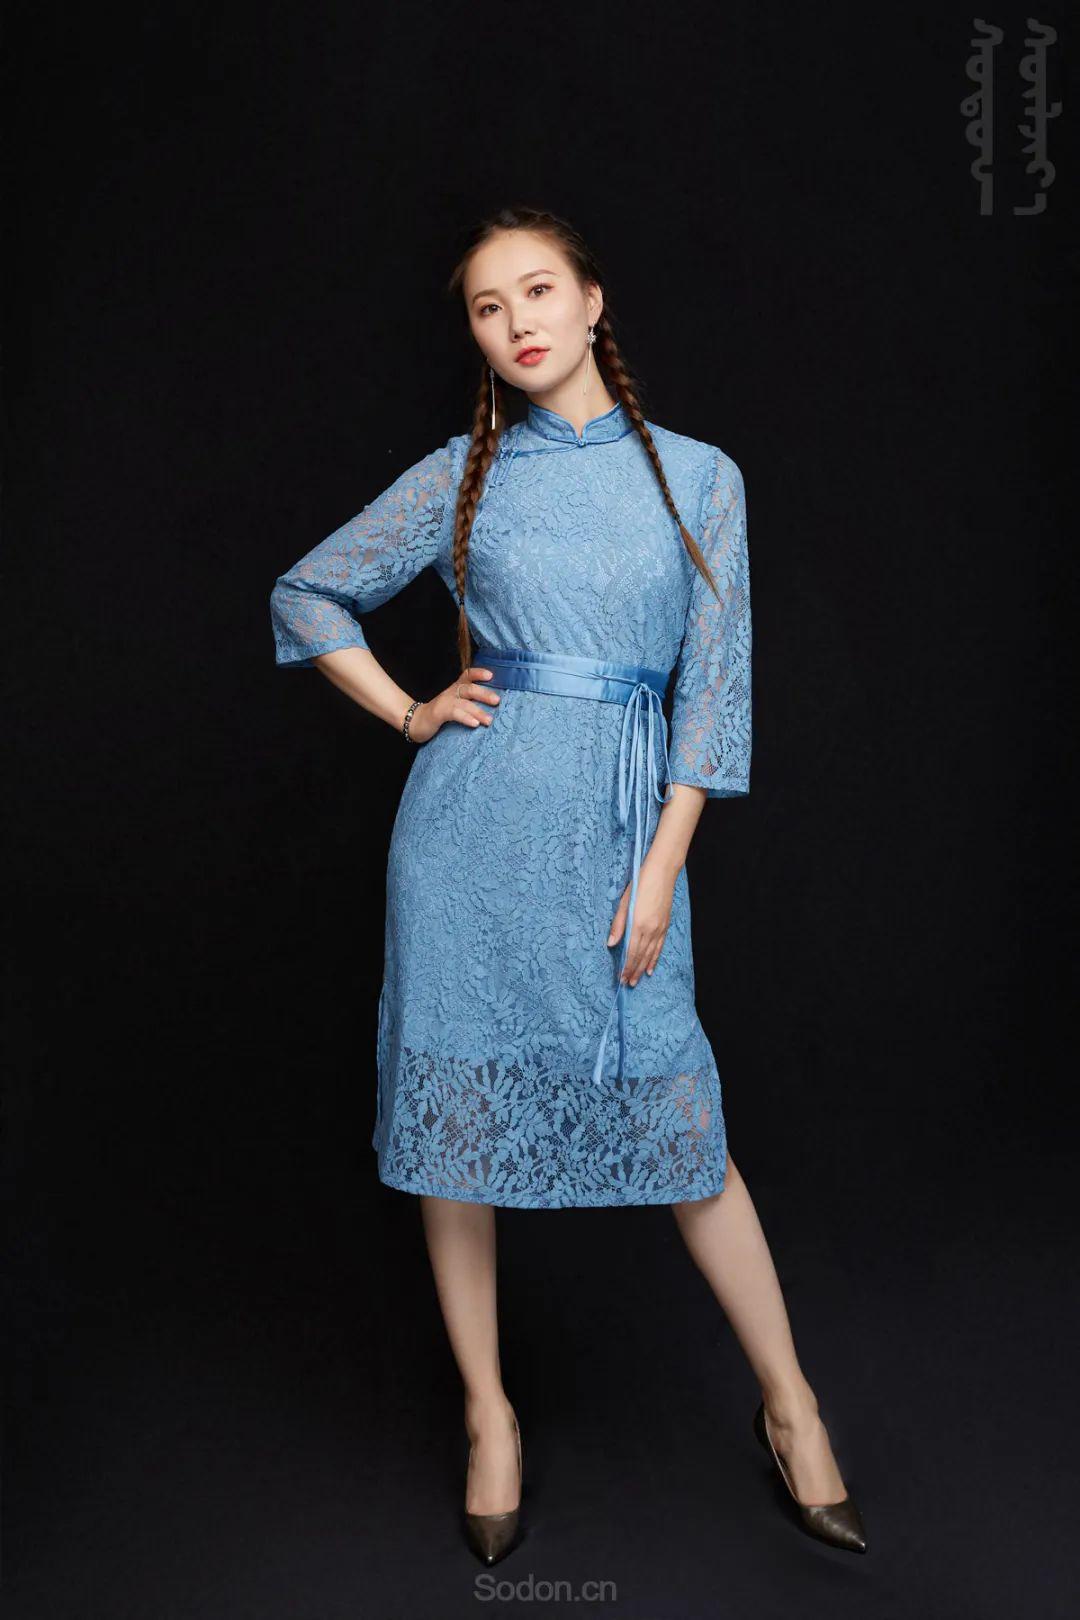 DOMOG蒙古时装2020新款夏季连衣裙首发,618钜惠七折! 第18张